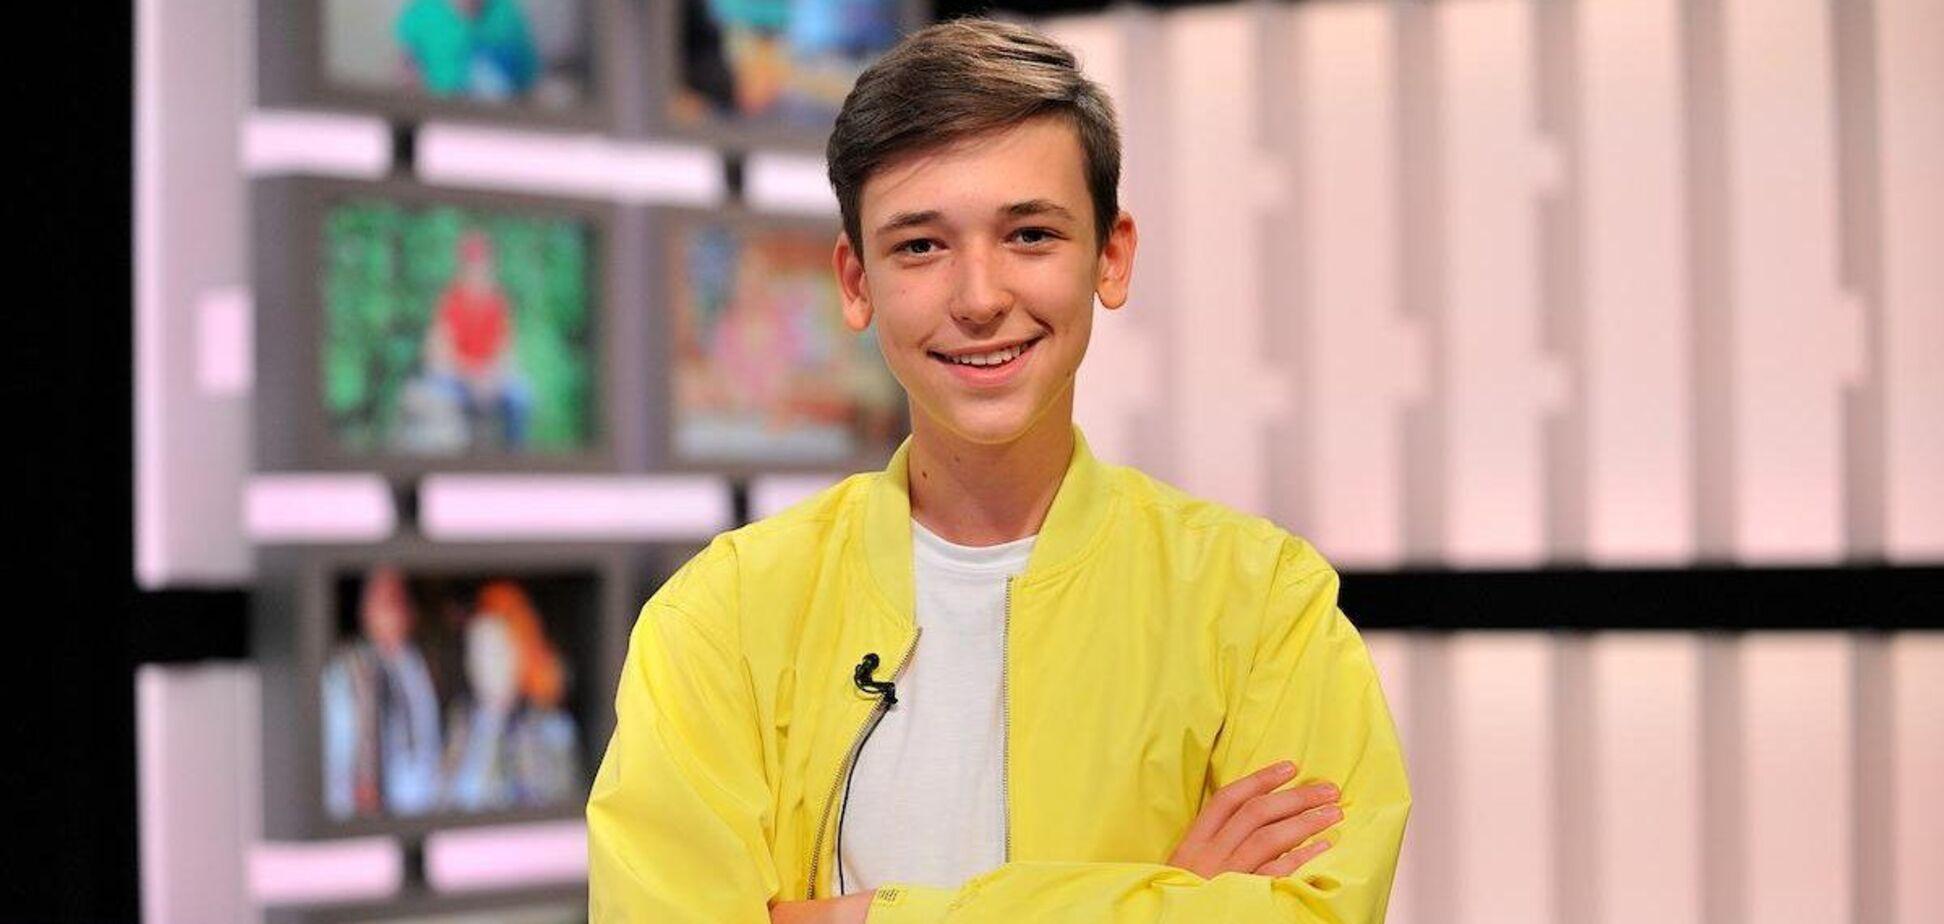 Выступление представителя Украины на Детском Евровидении-2020 вызвало восхищение у зрителей: достойно представил страну